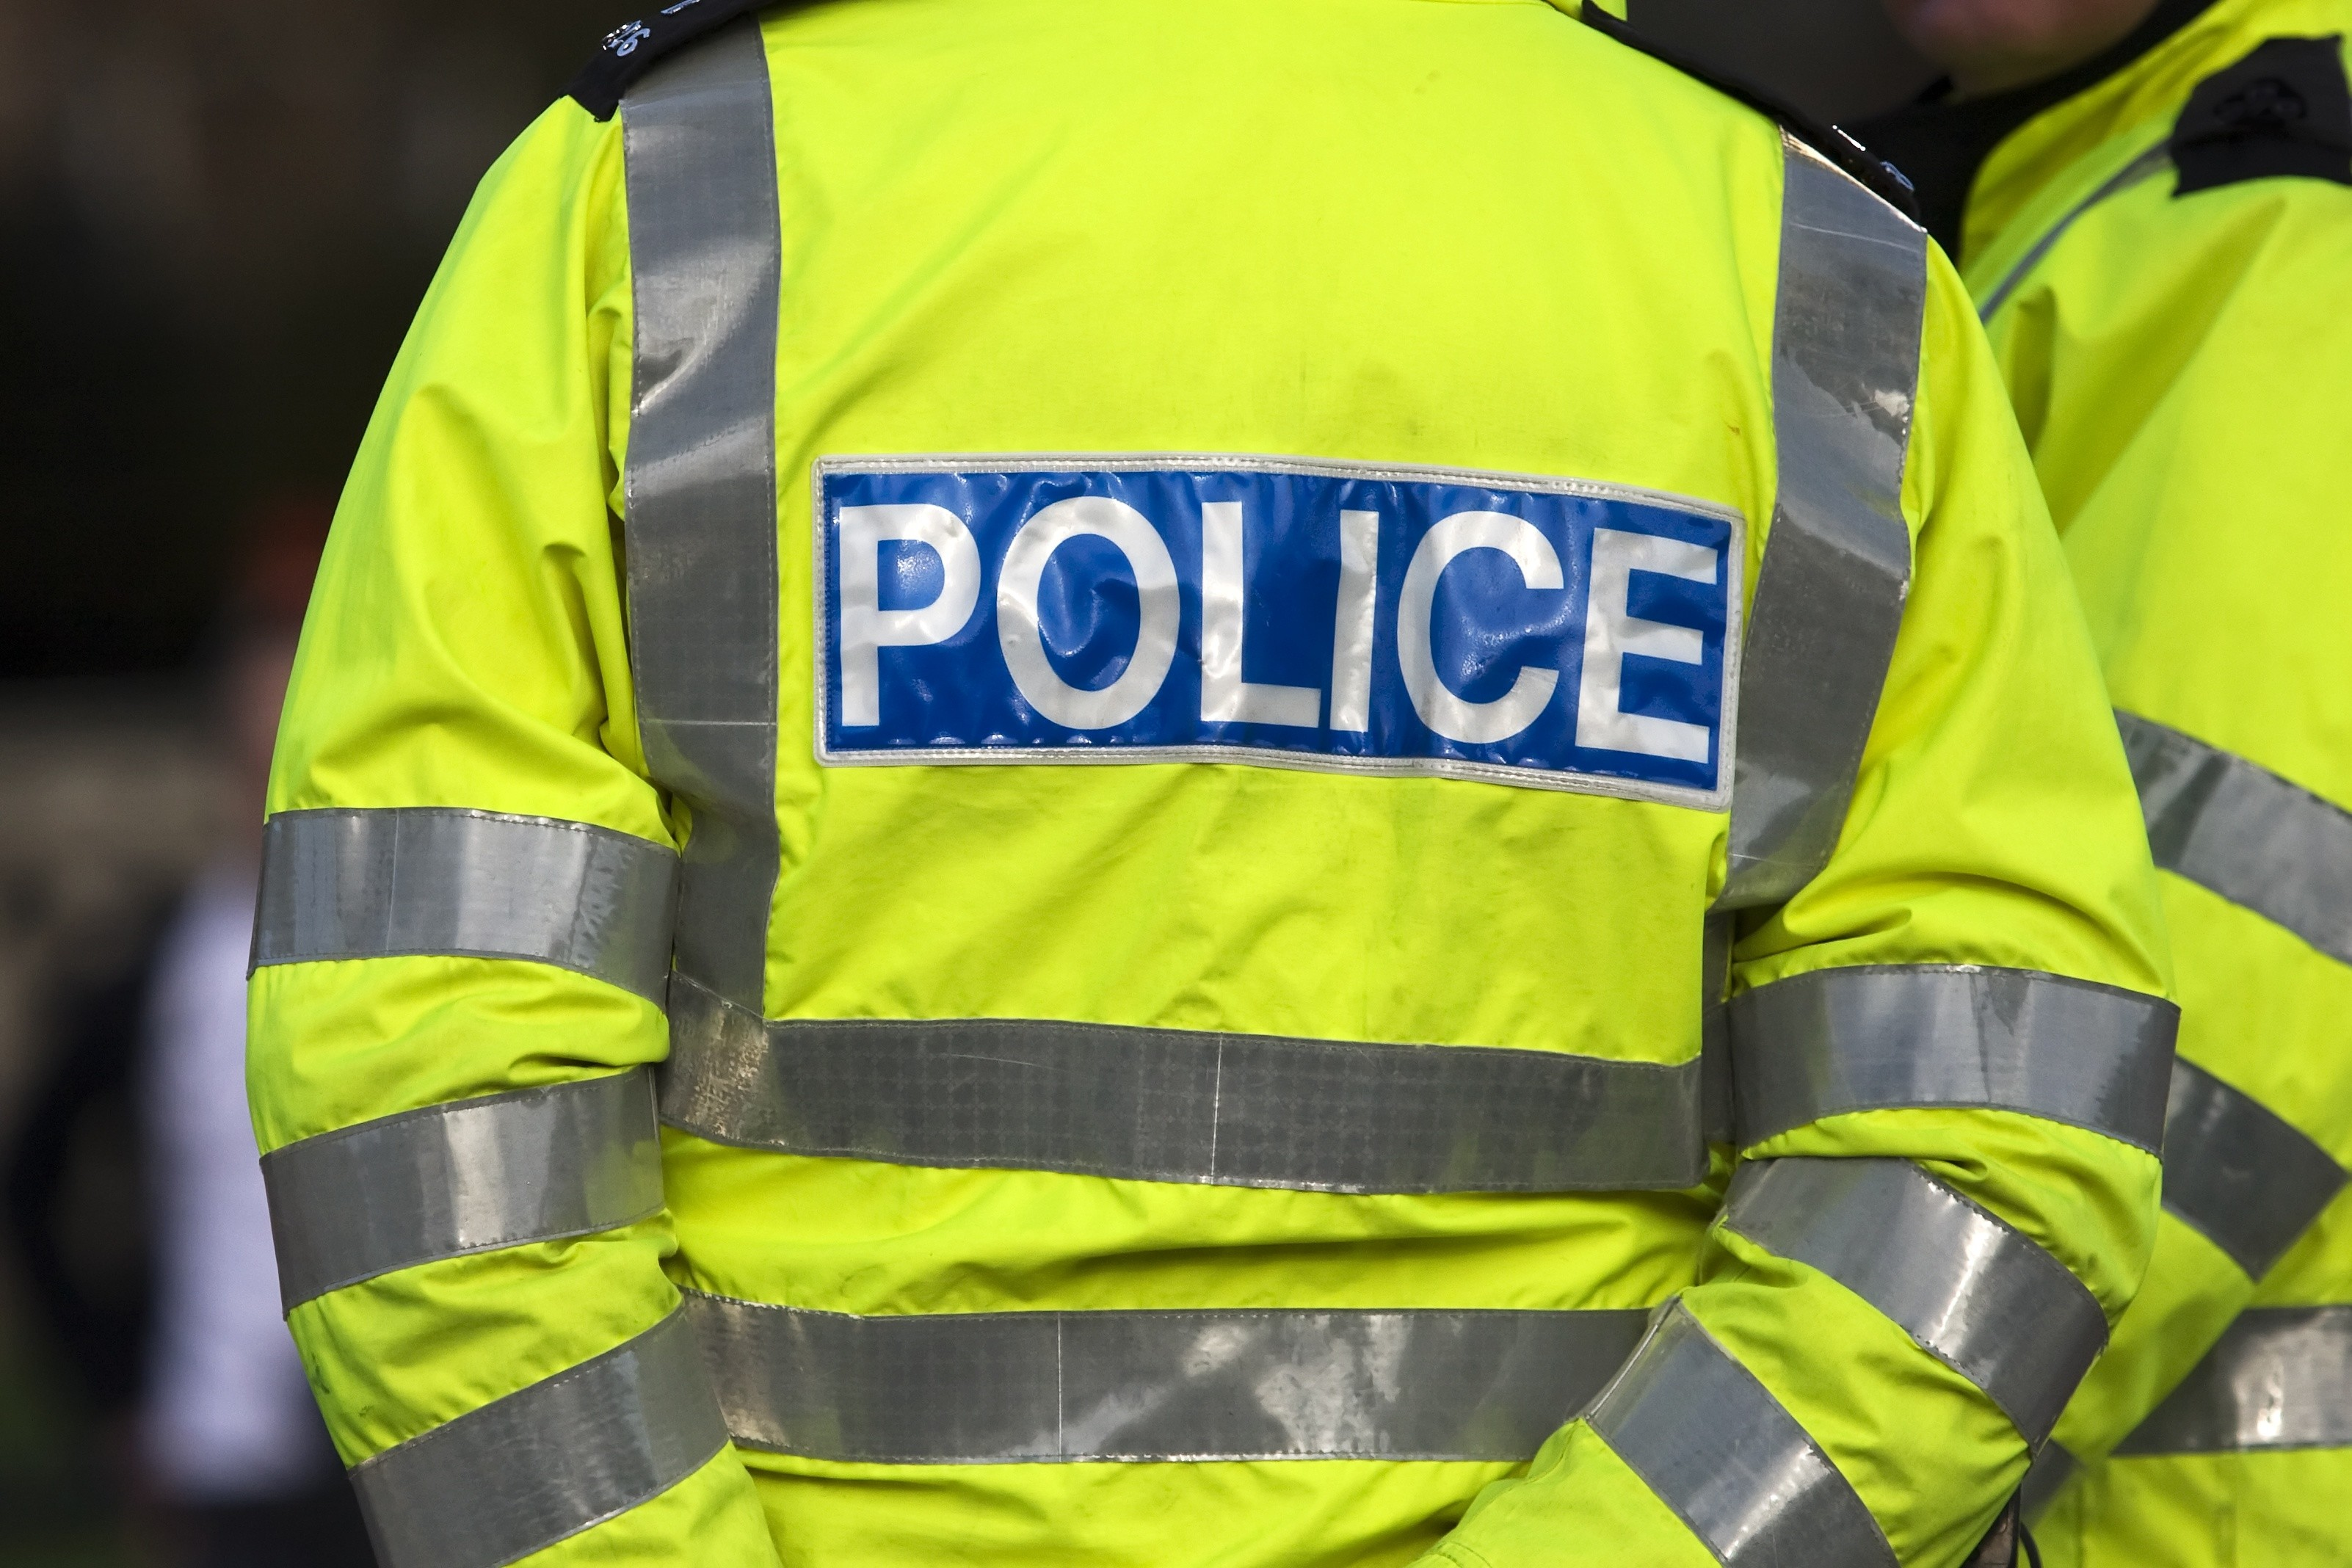 Police Caution Deletion PNC deletion